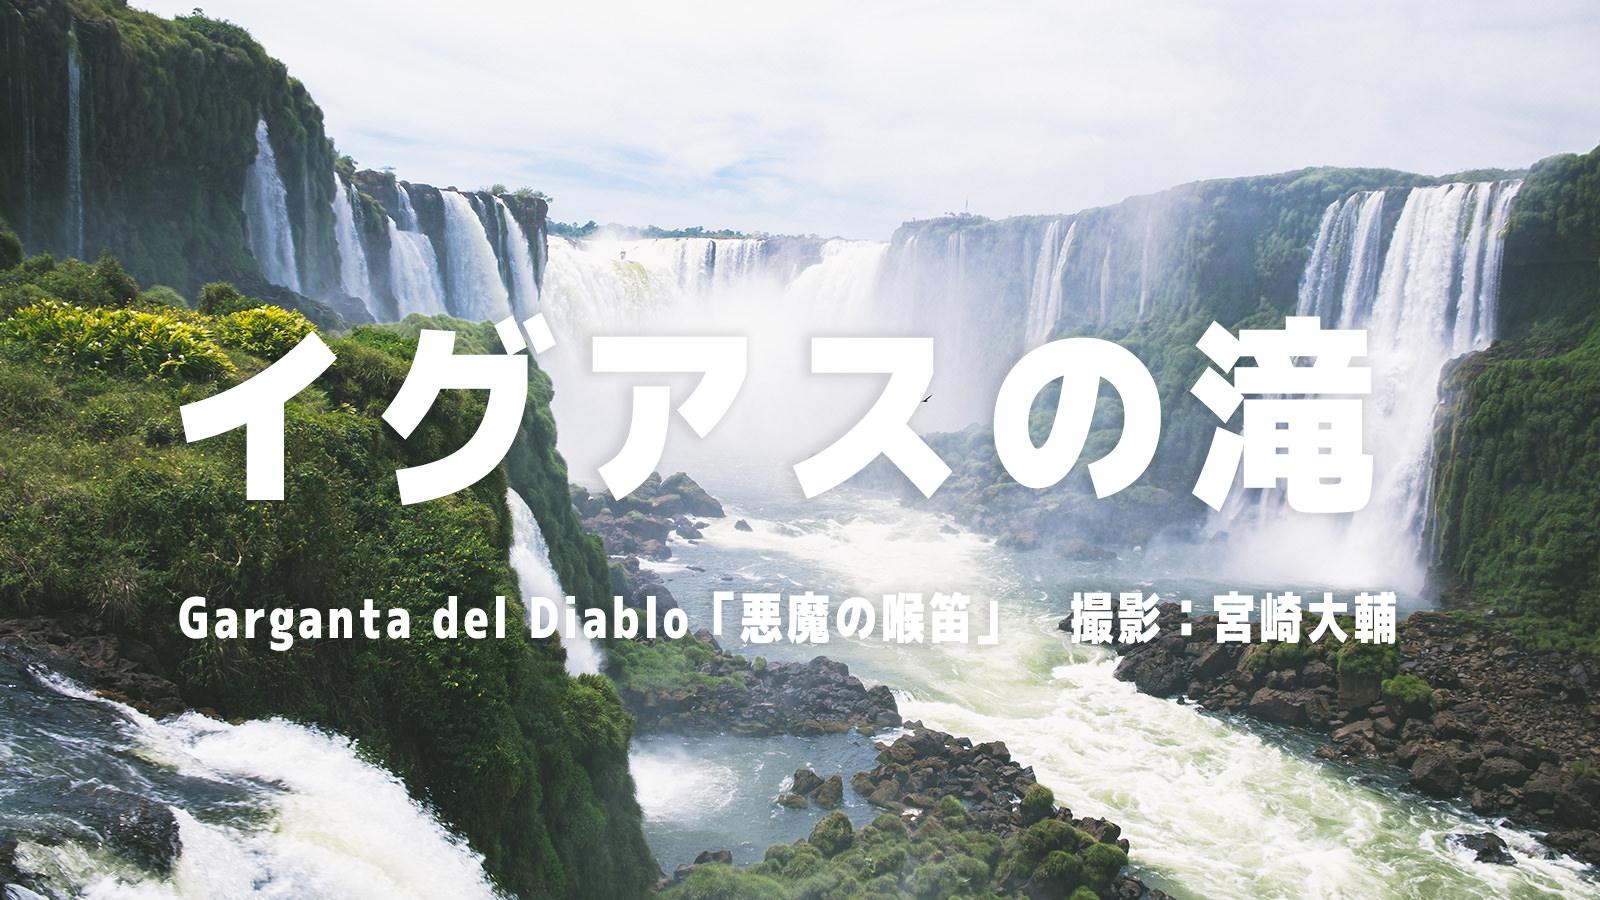 世界三大瀑布イグアスの滝のフリー素材を追加しました